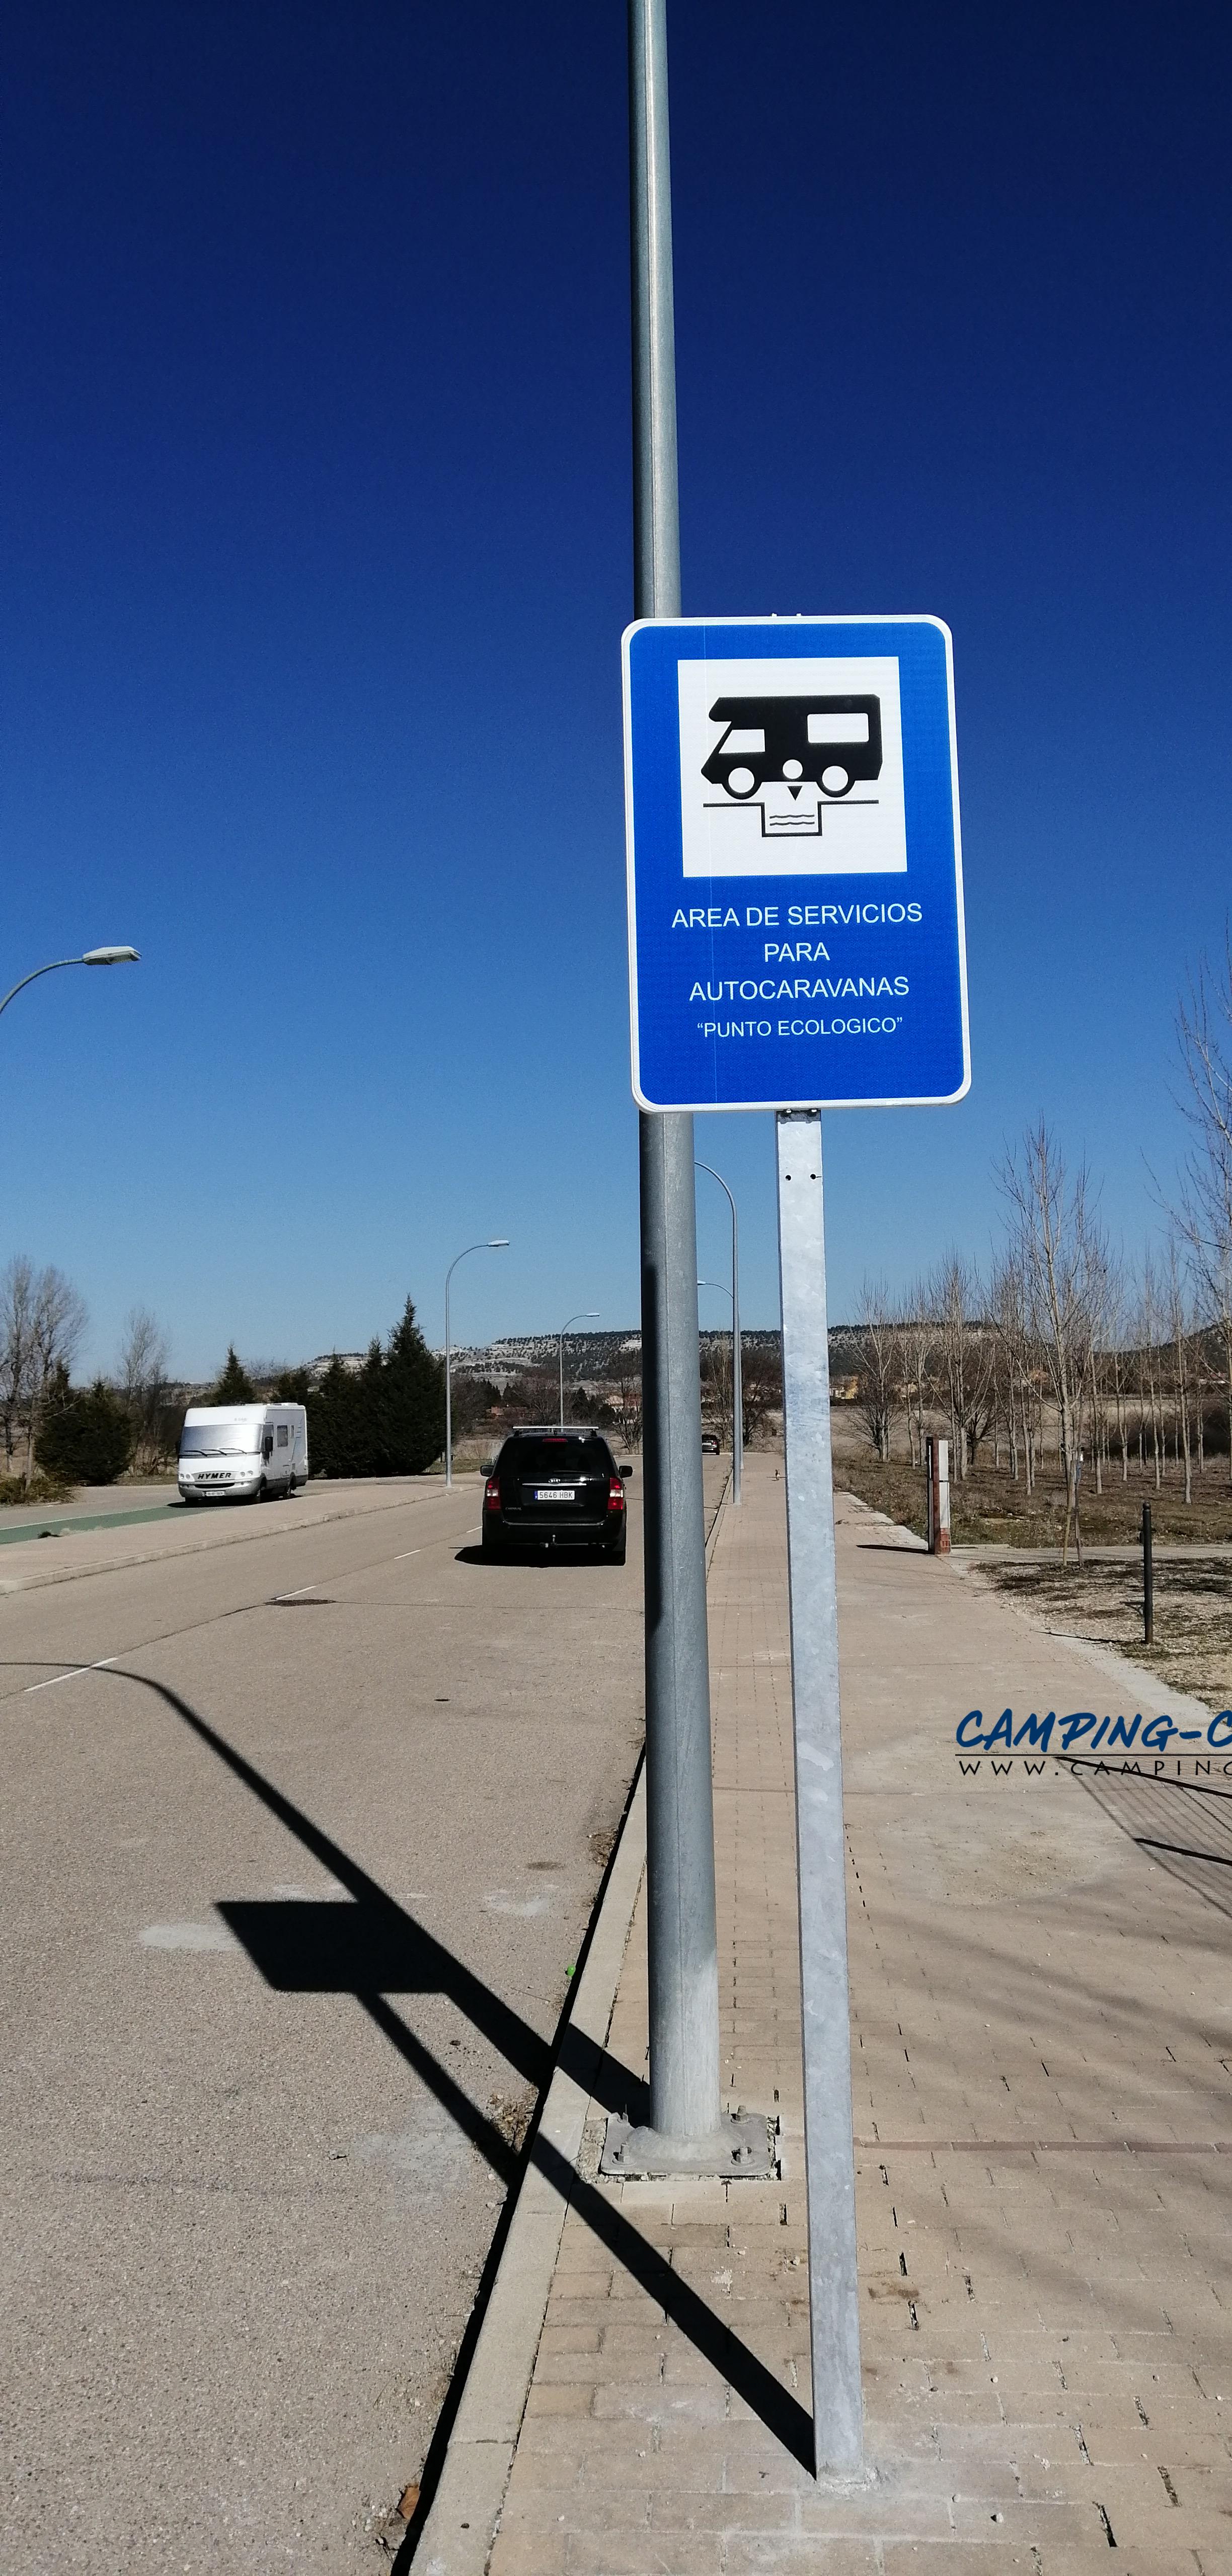 aire services camping car Renedo de Esgueva Espagne Spain